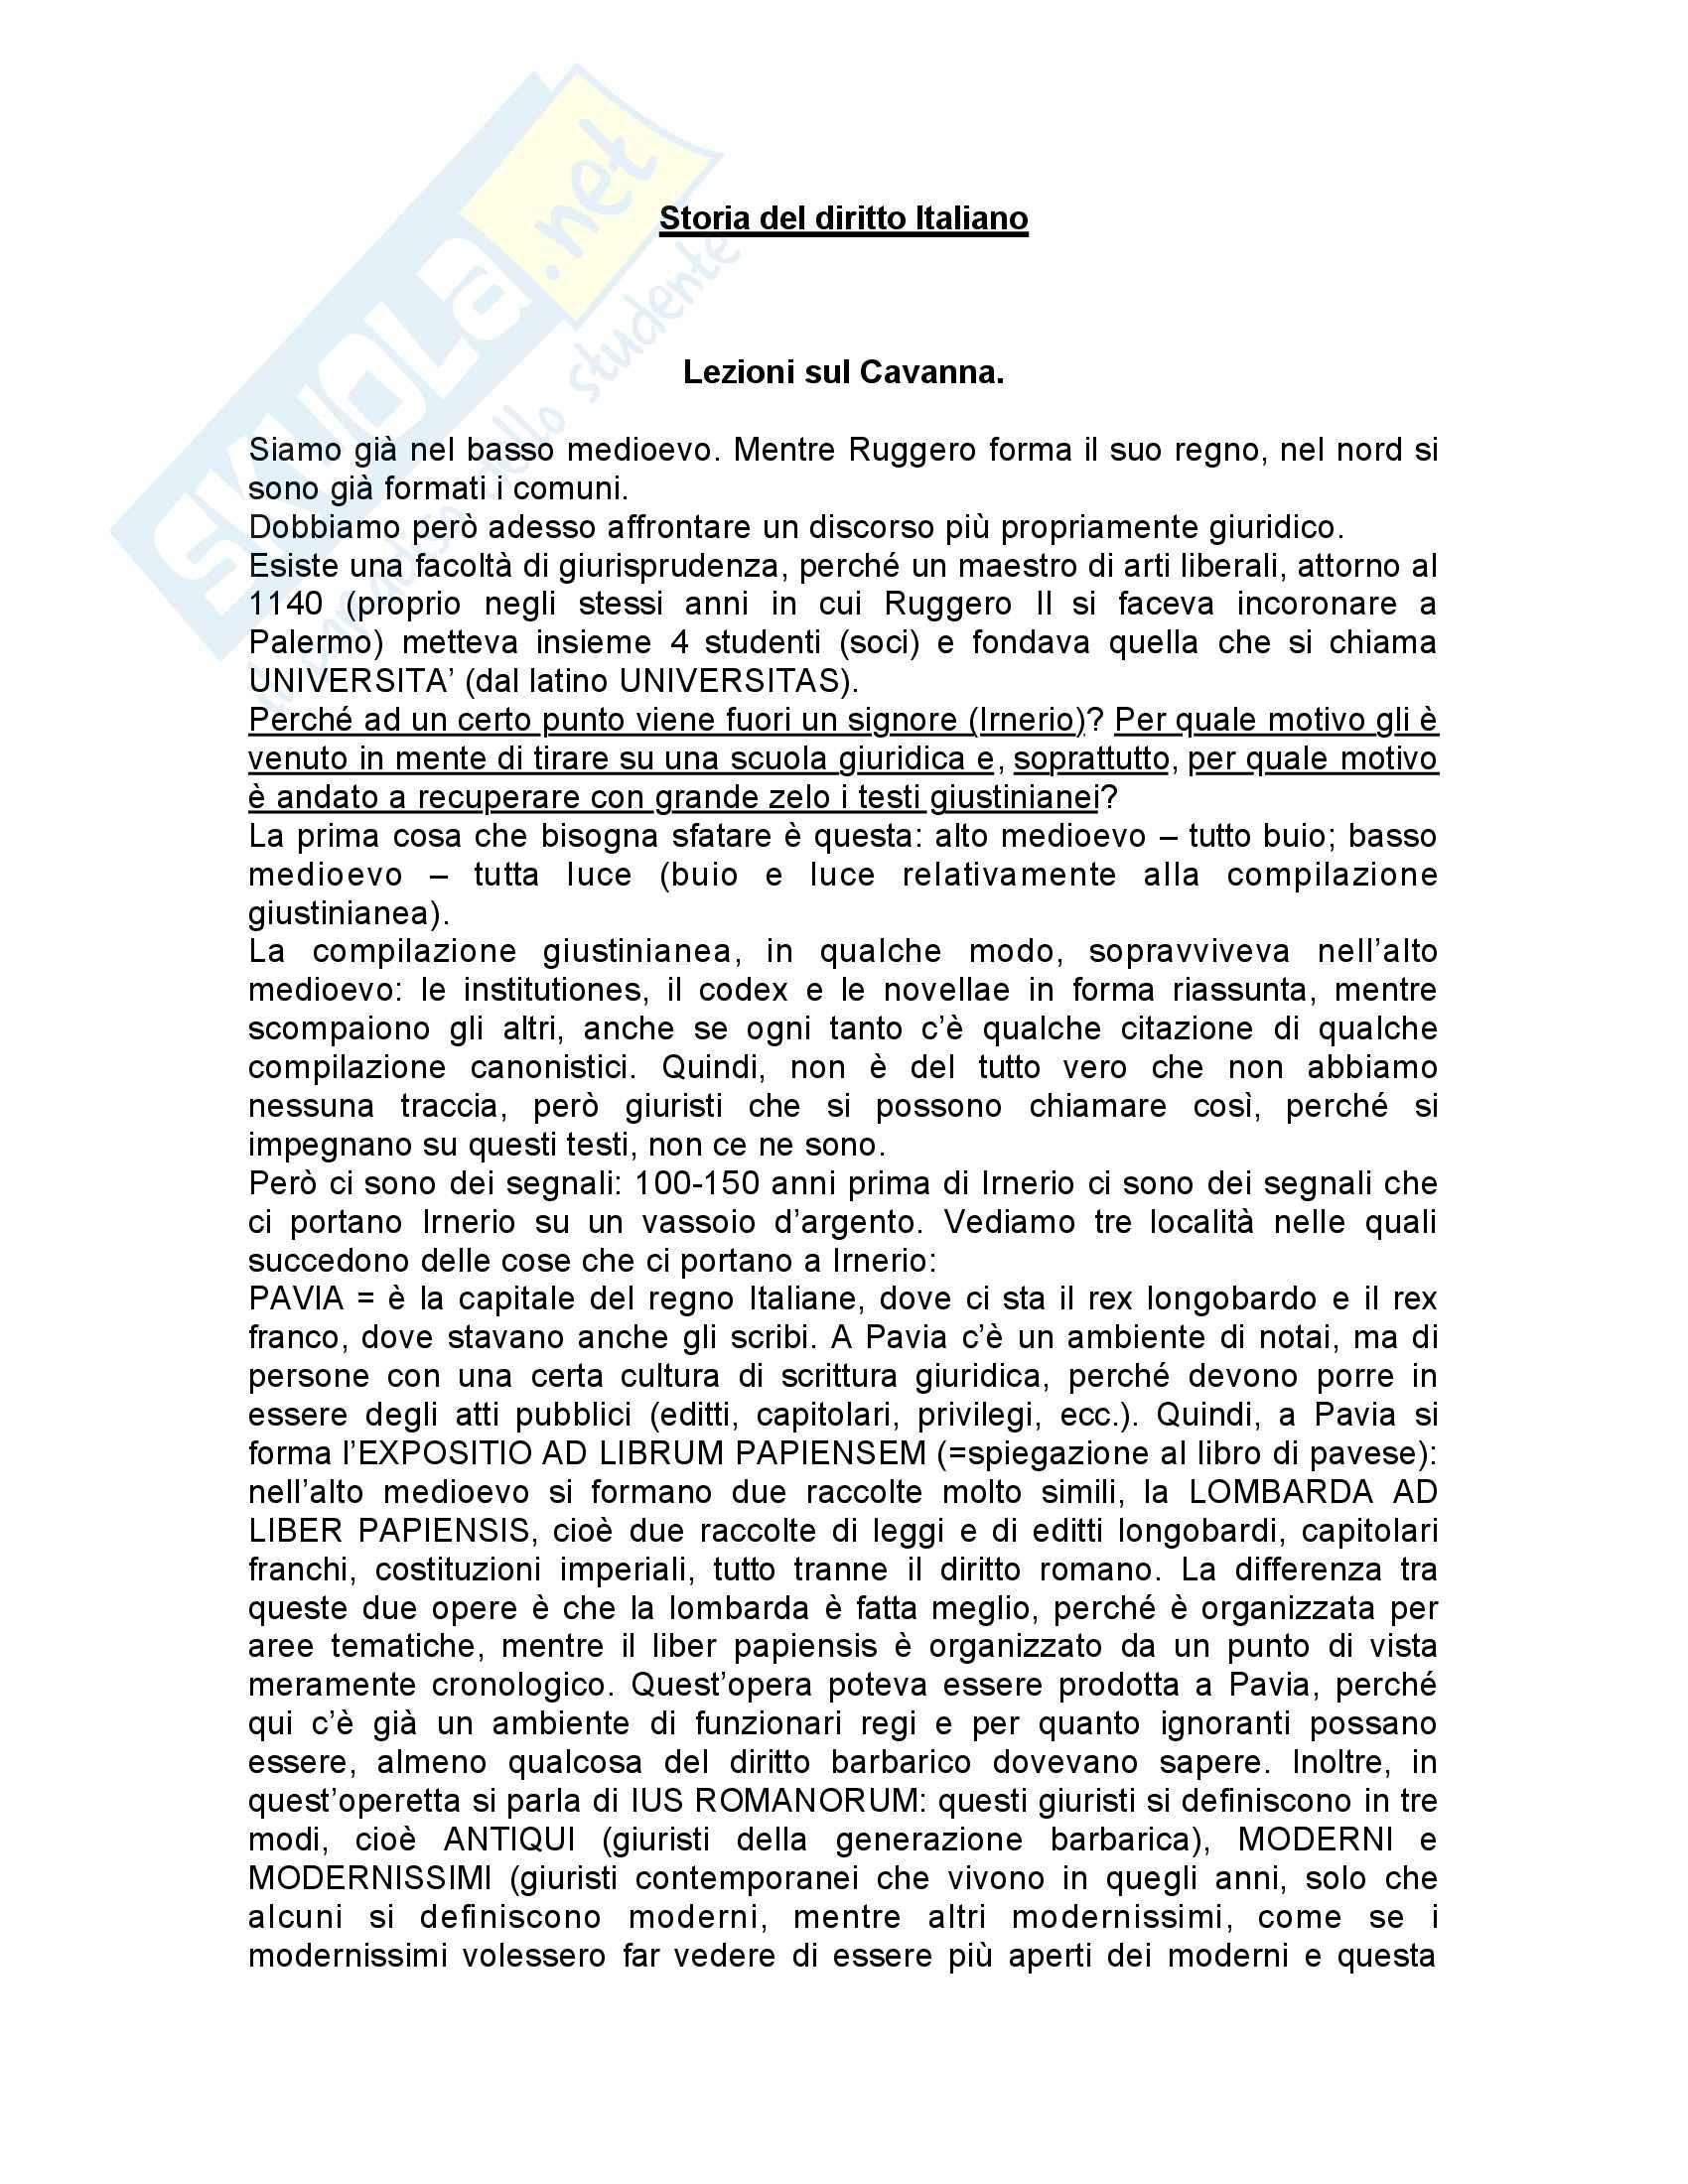 Storia del diritto italiano medievale e moderno